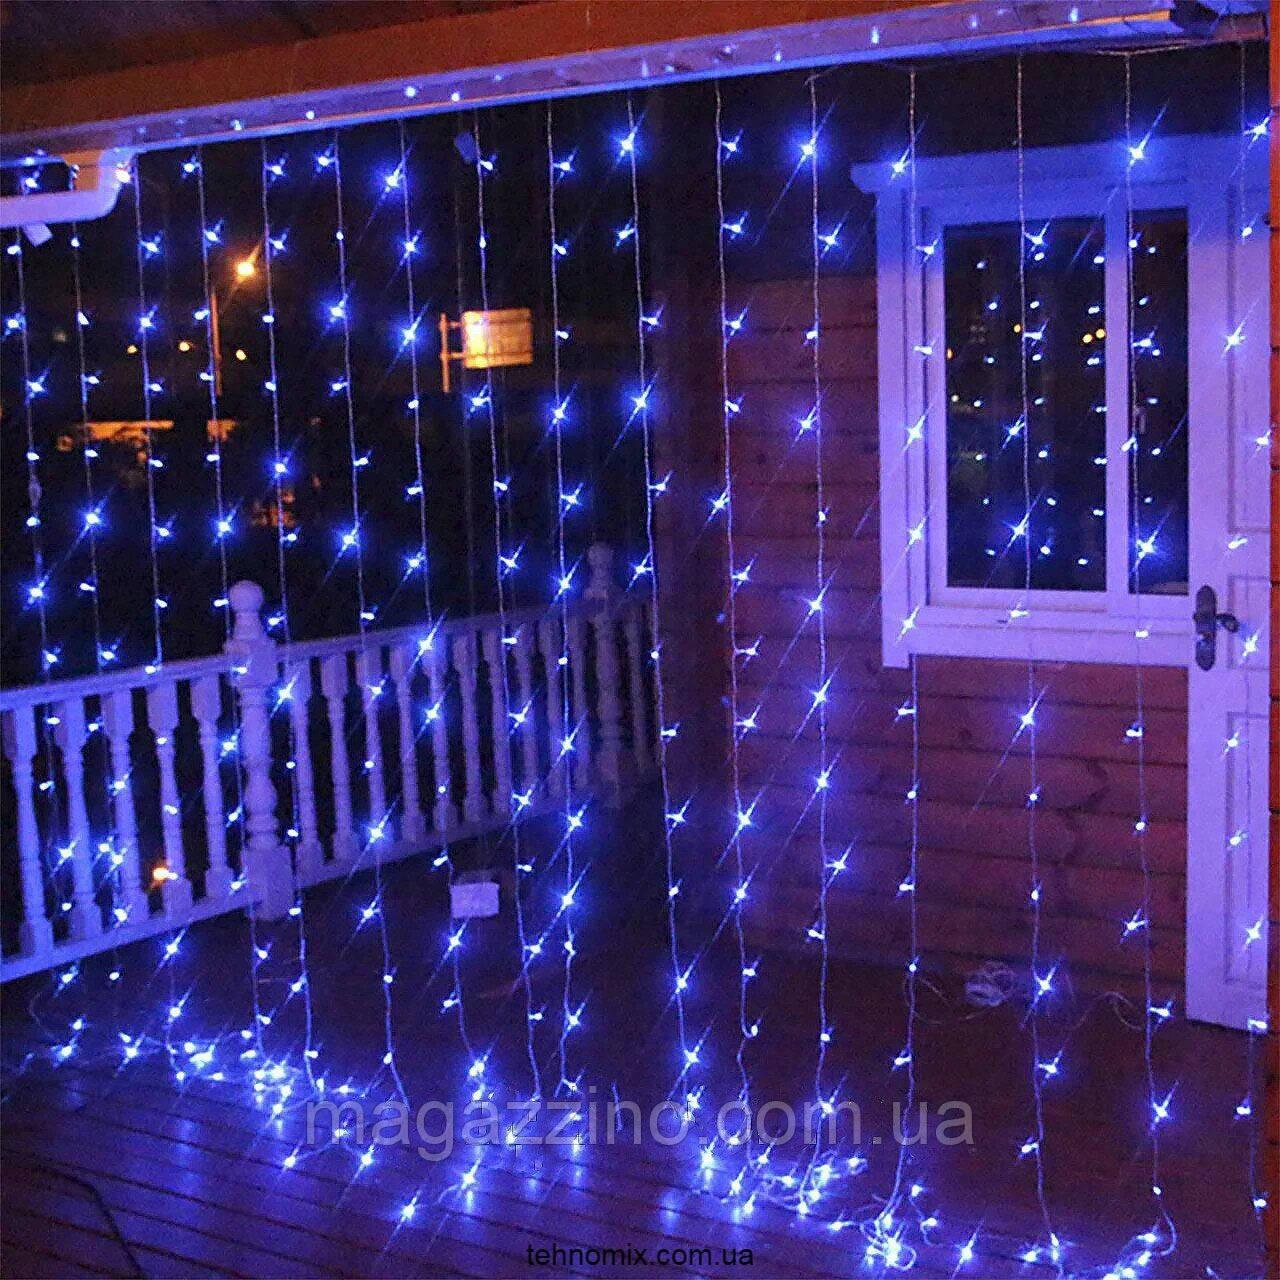 Гирлянда наружная Штора светодиодная, 150 LED, Голубая (Синяя), флеш с мерцанием, черный провод, 3х1м.